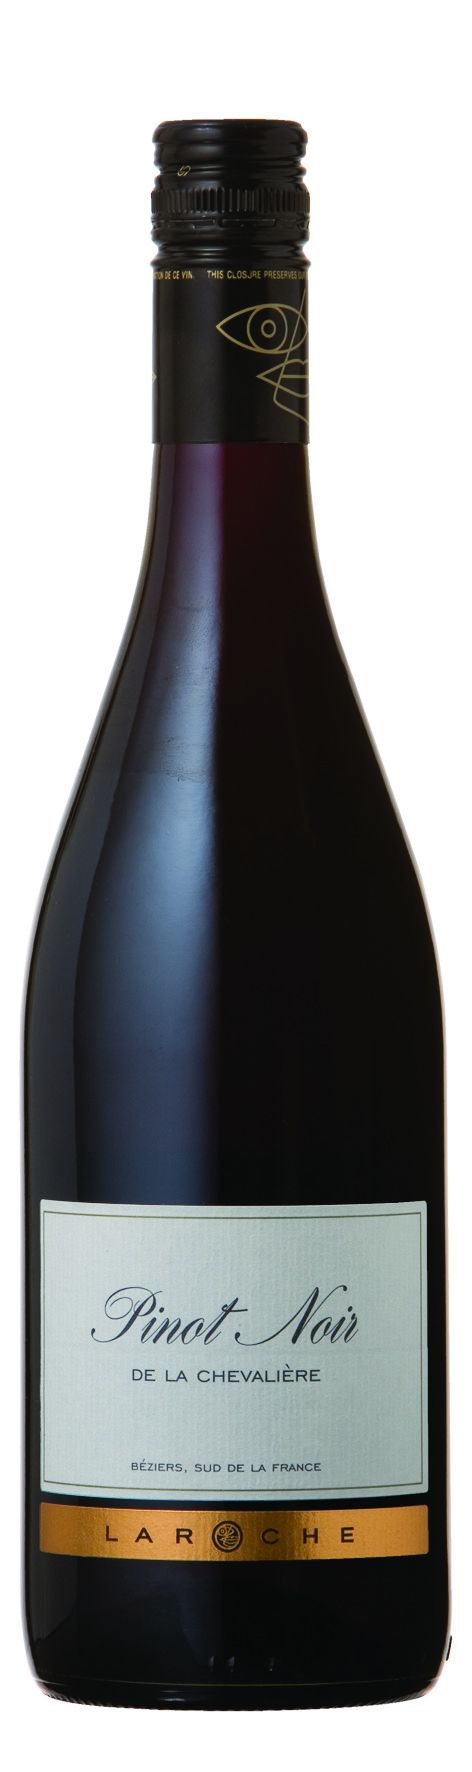 Laroche Pinot Noir